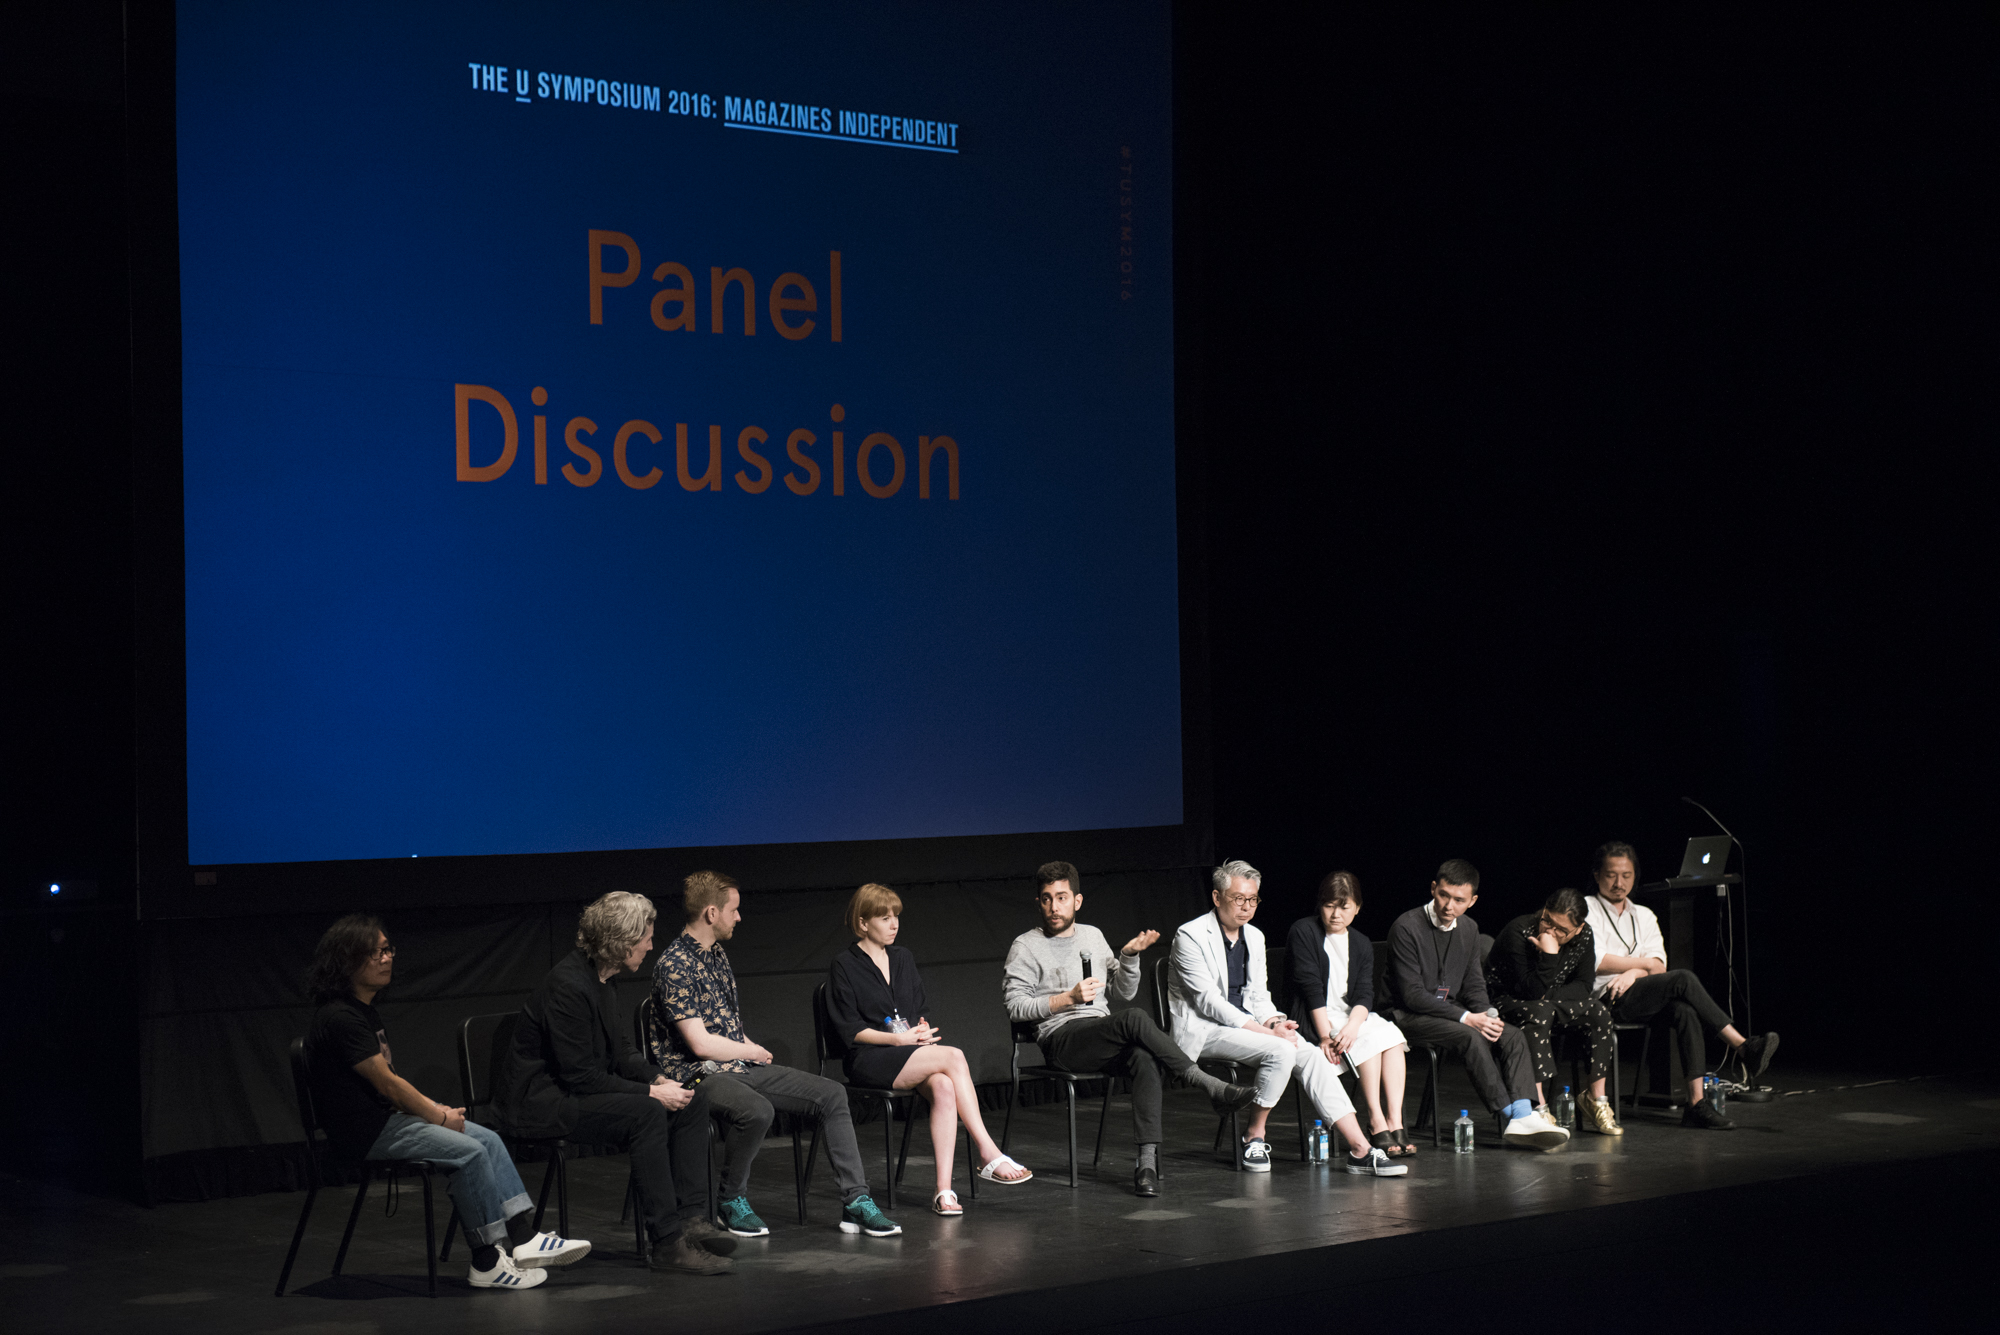 The U Symposium 2016: Magazines Independent